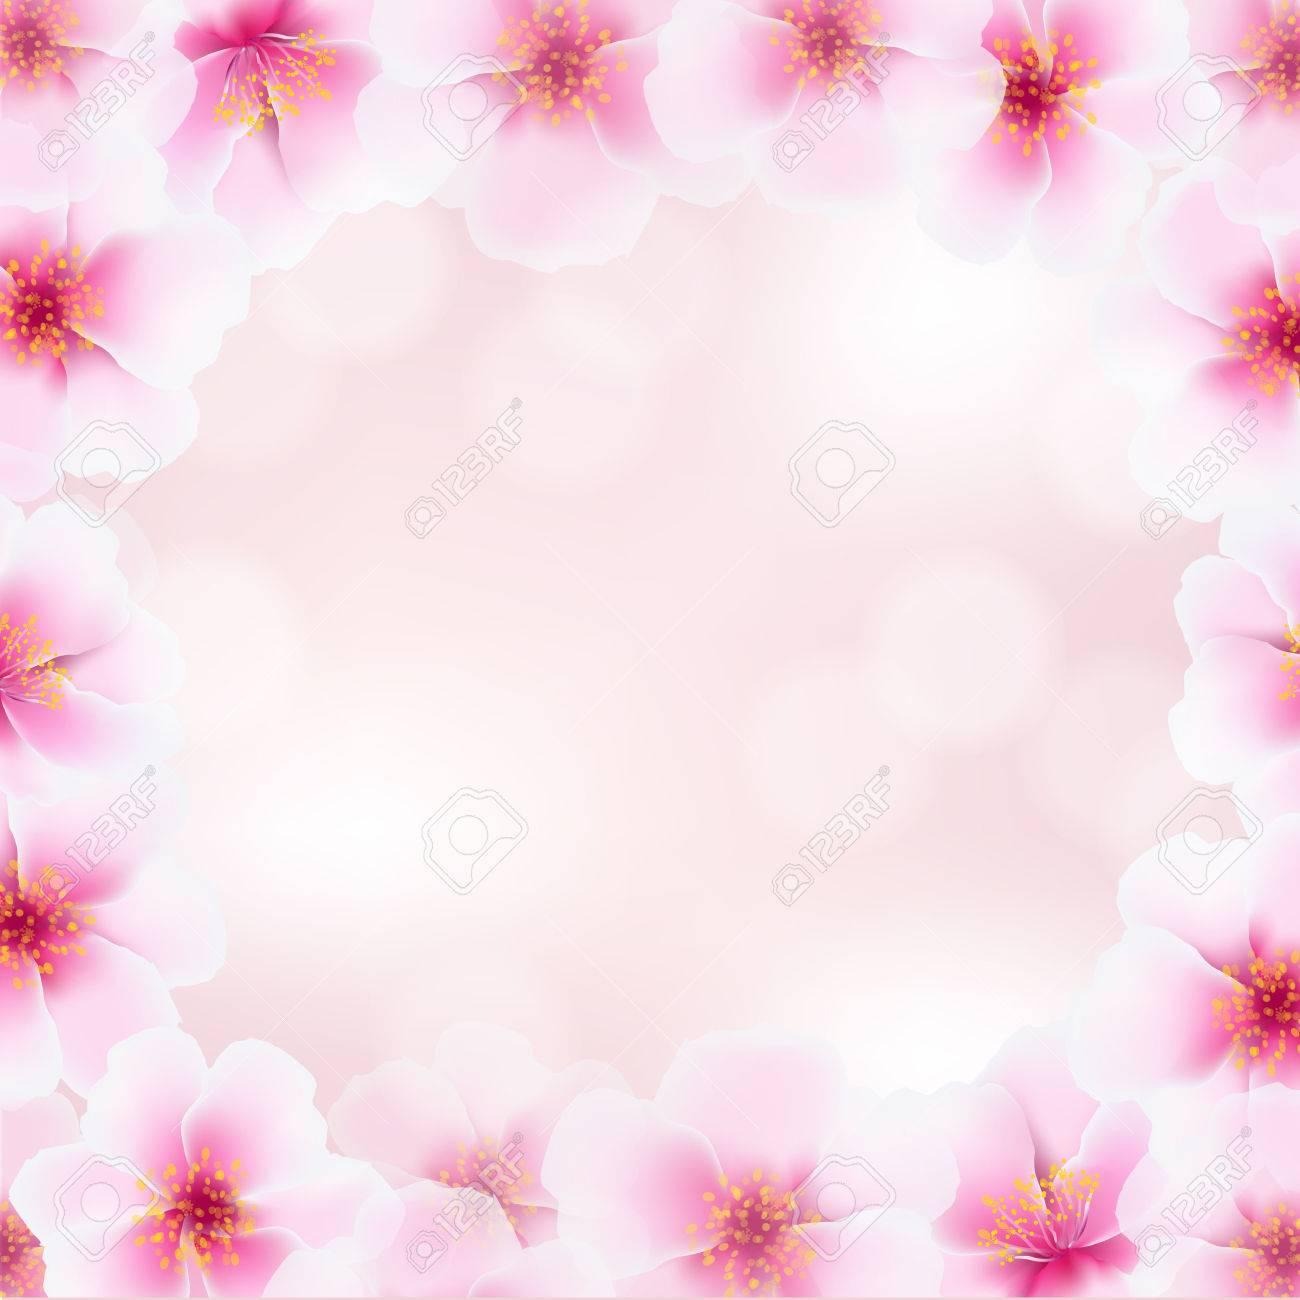 グラデーション メッシュのイラストの背景をぼかしと桜の花のフレーム